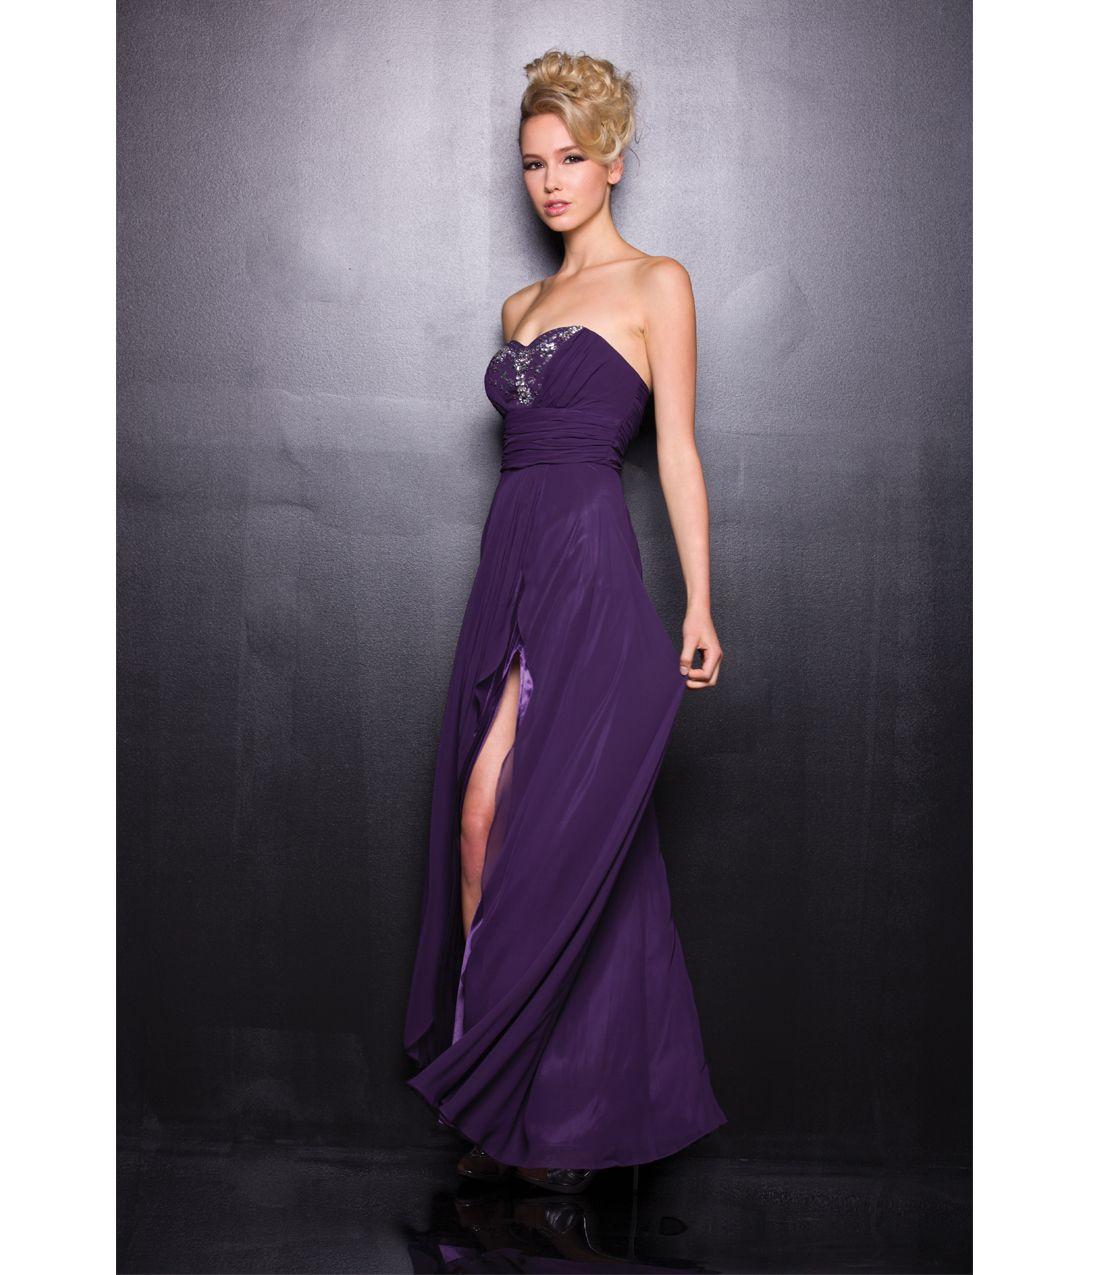 Unique vintage prom strapless prom dresses and unique vintage